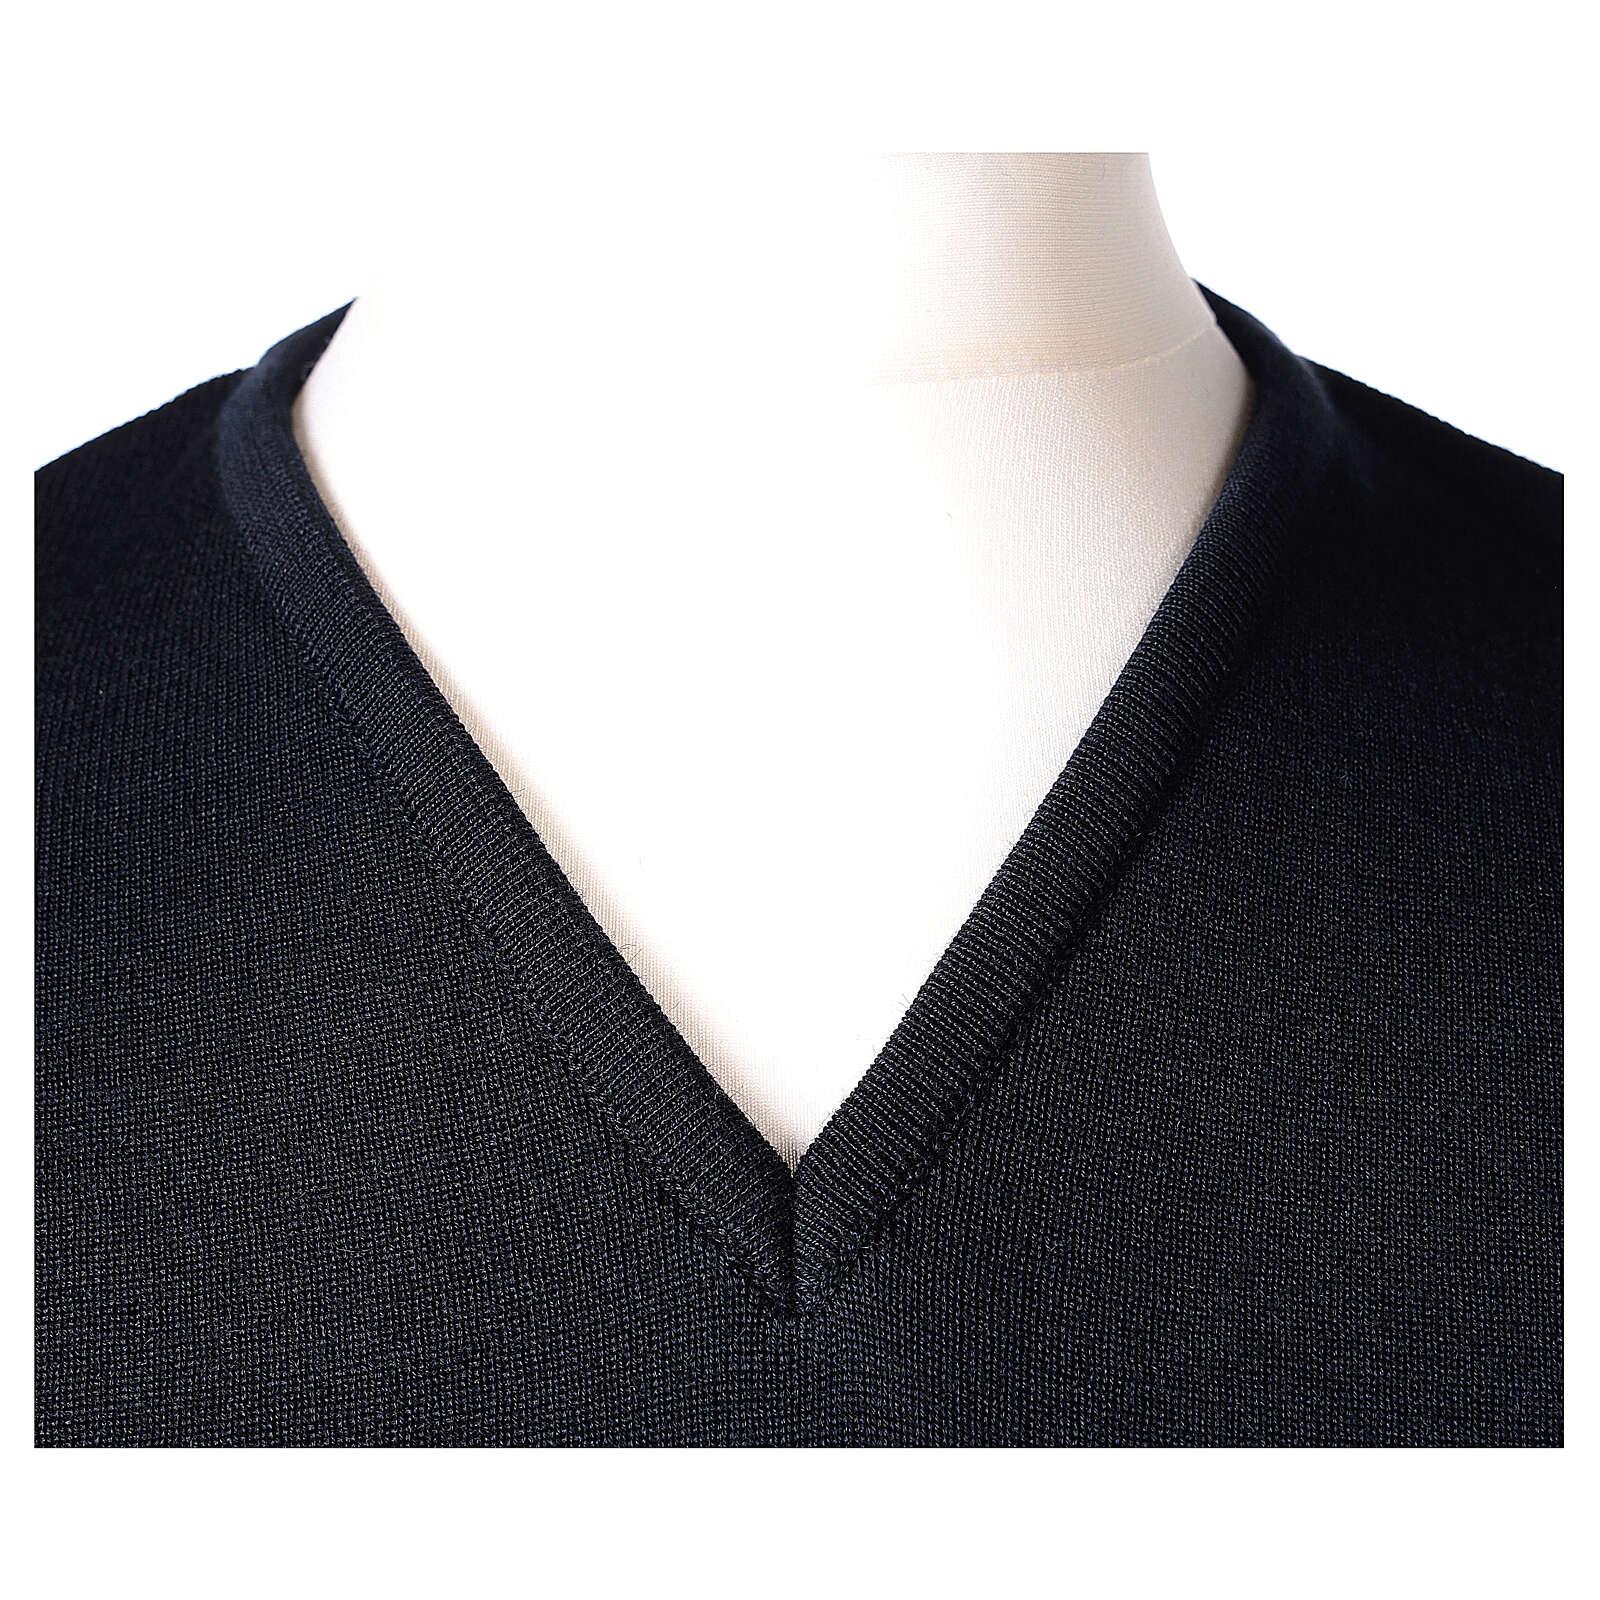 Gilet sacerdote blu chiuso maglia unita 50% merino 50% acr. TAGLIE CONF. In Primis 4